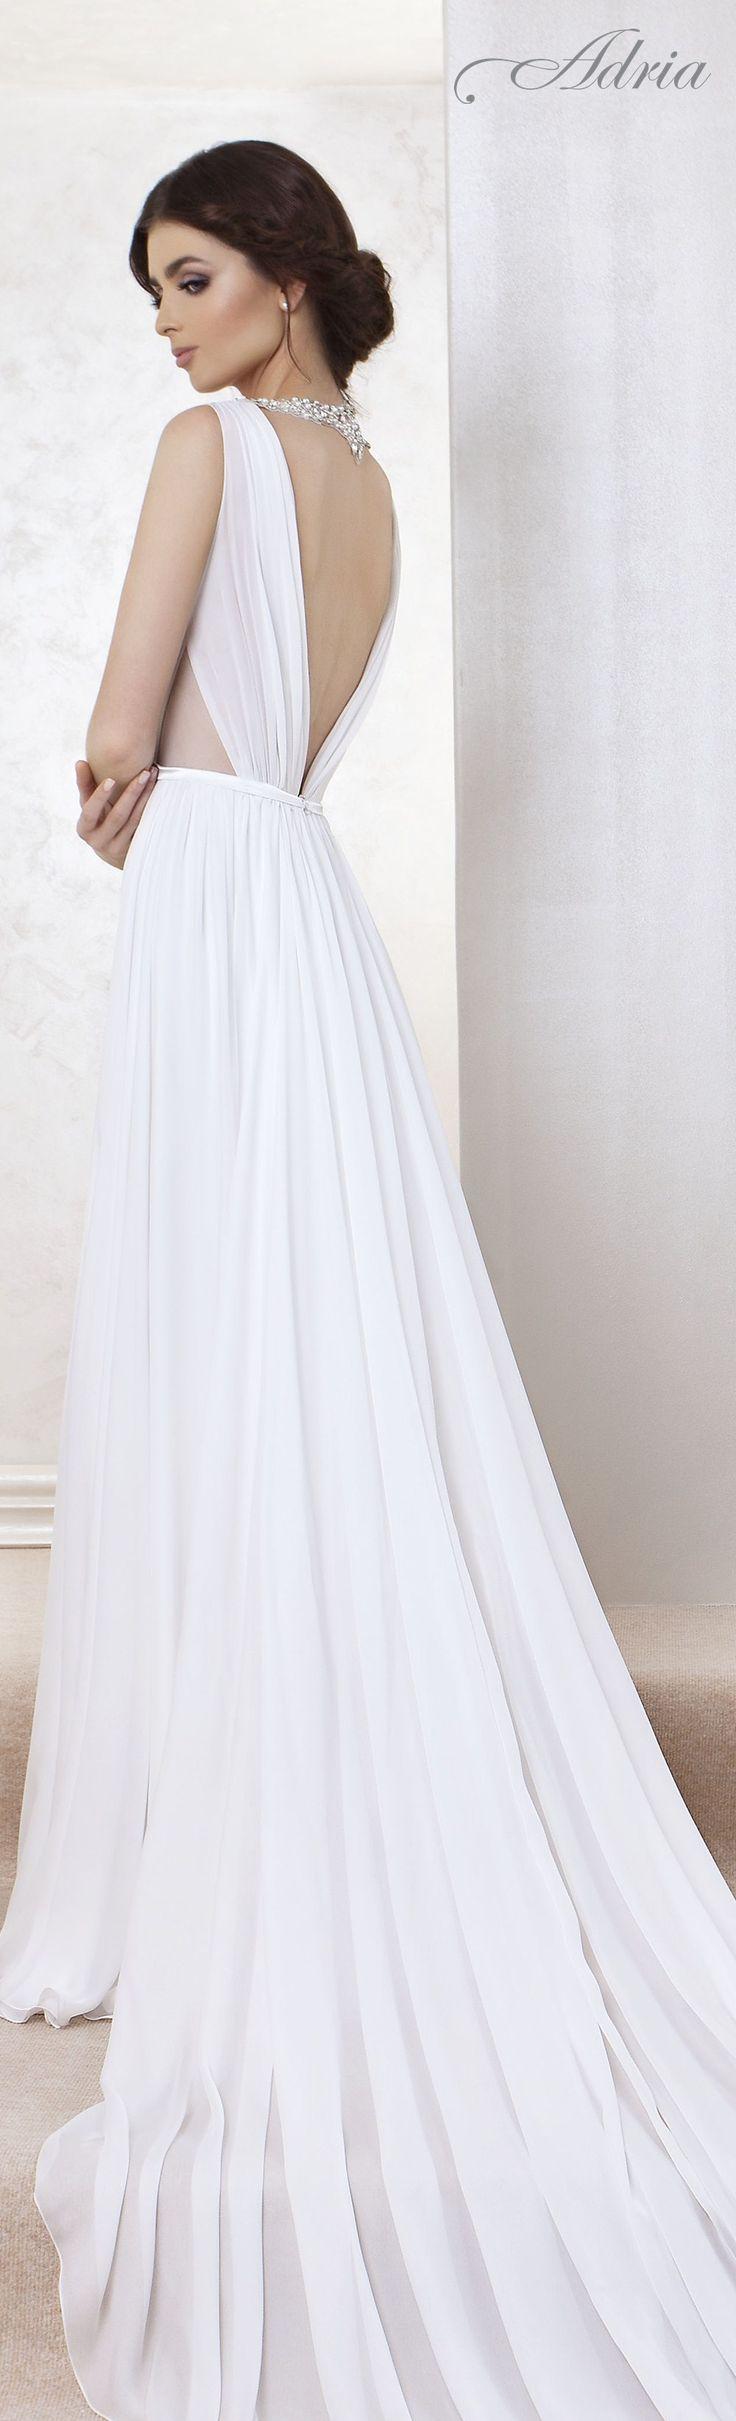 Suknie Ślubne Adria - 1514